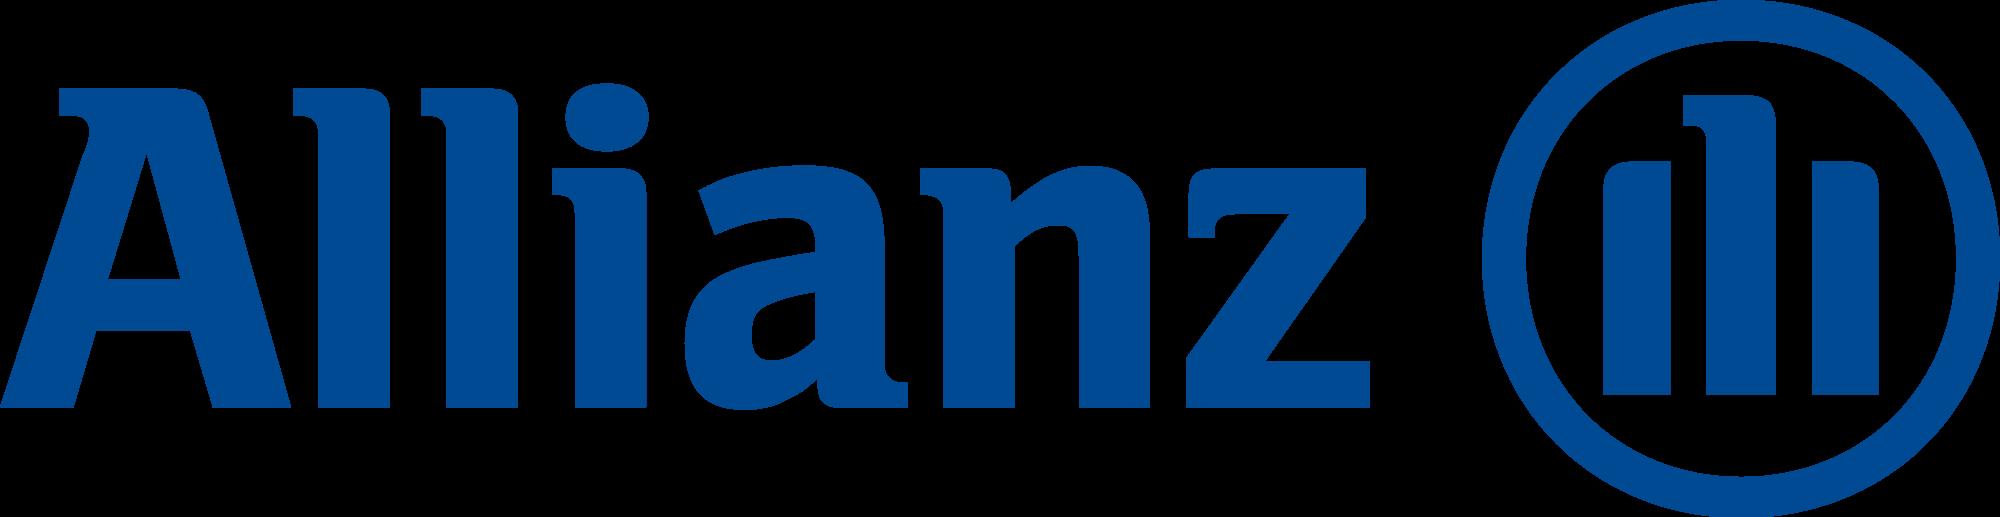 Allianz Baufinanzierung